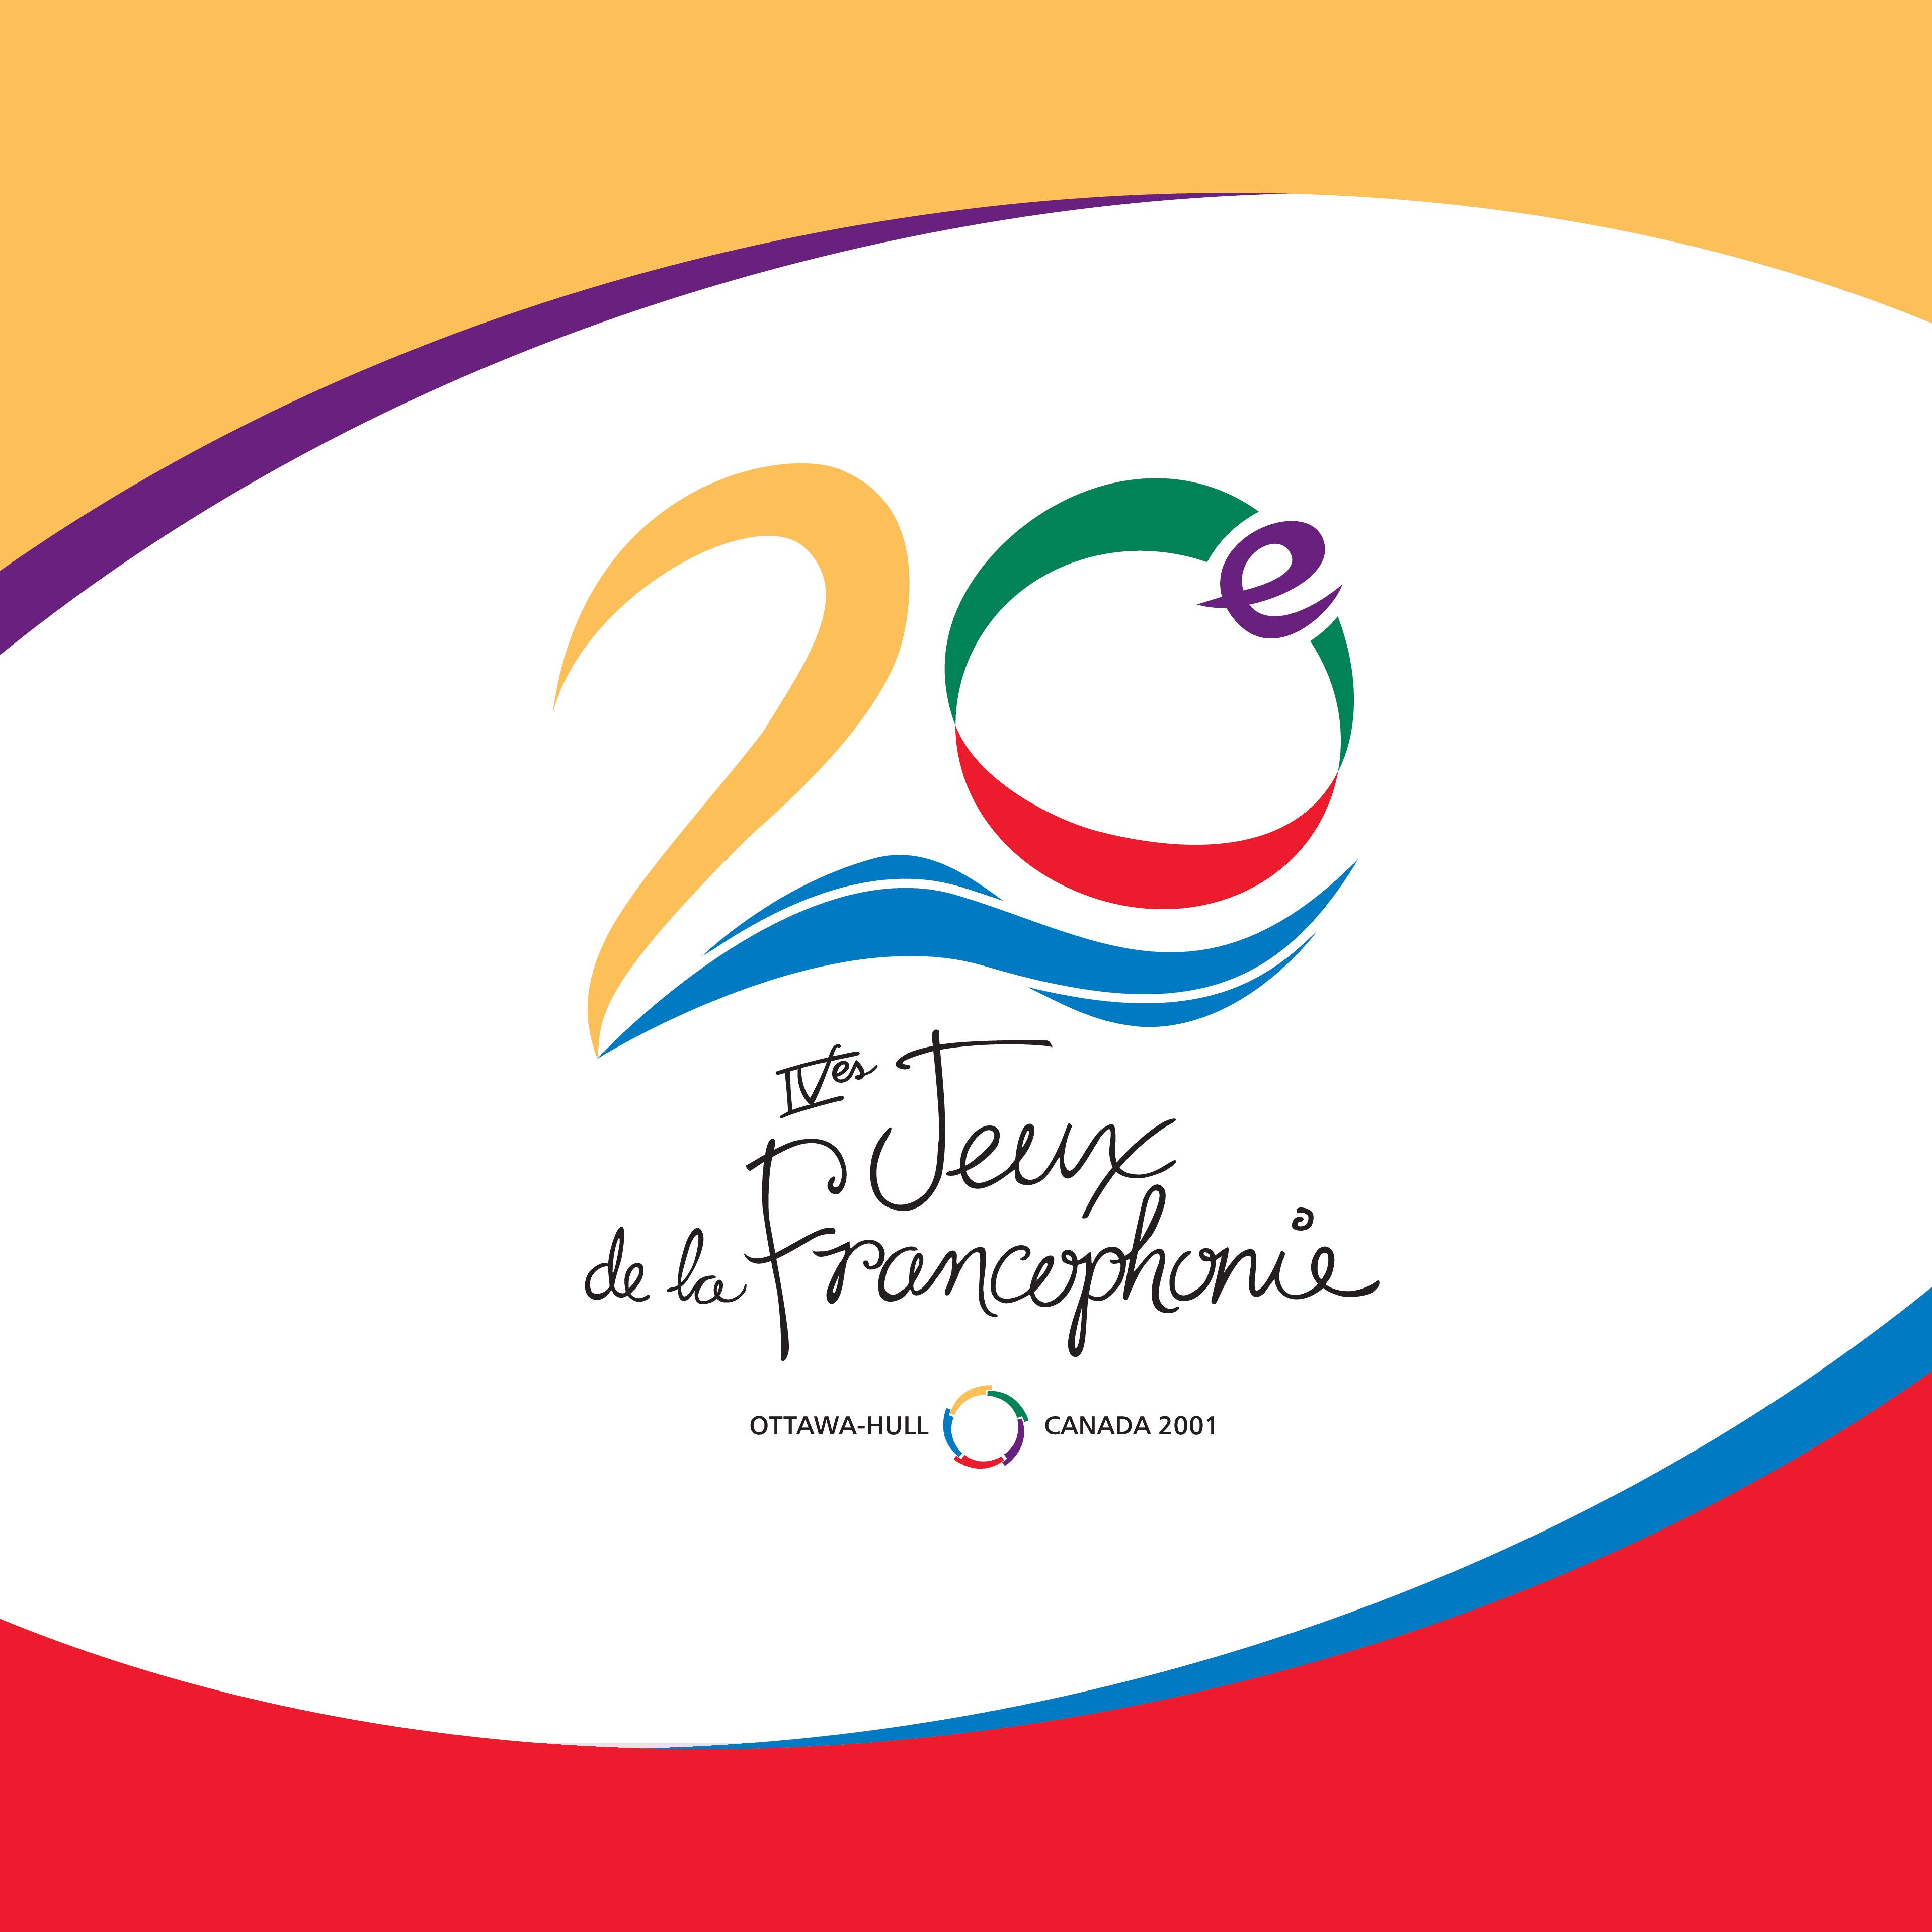 20e des IVes Jeux de la Francophonie